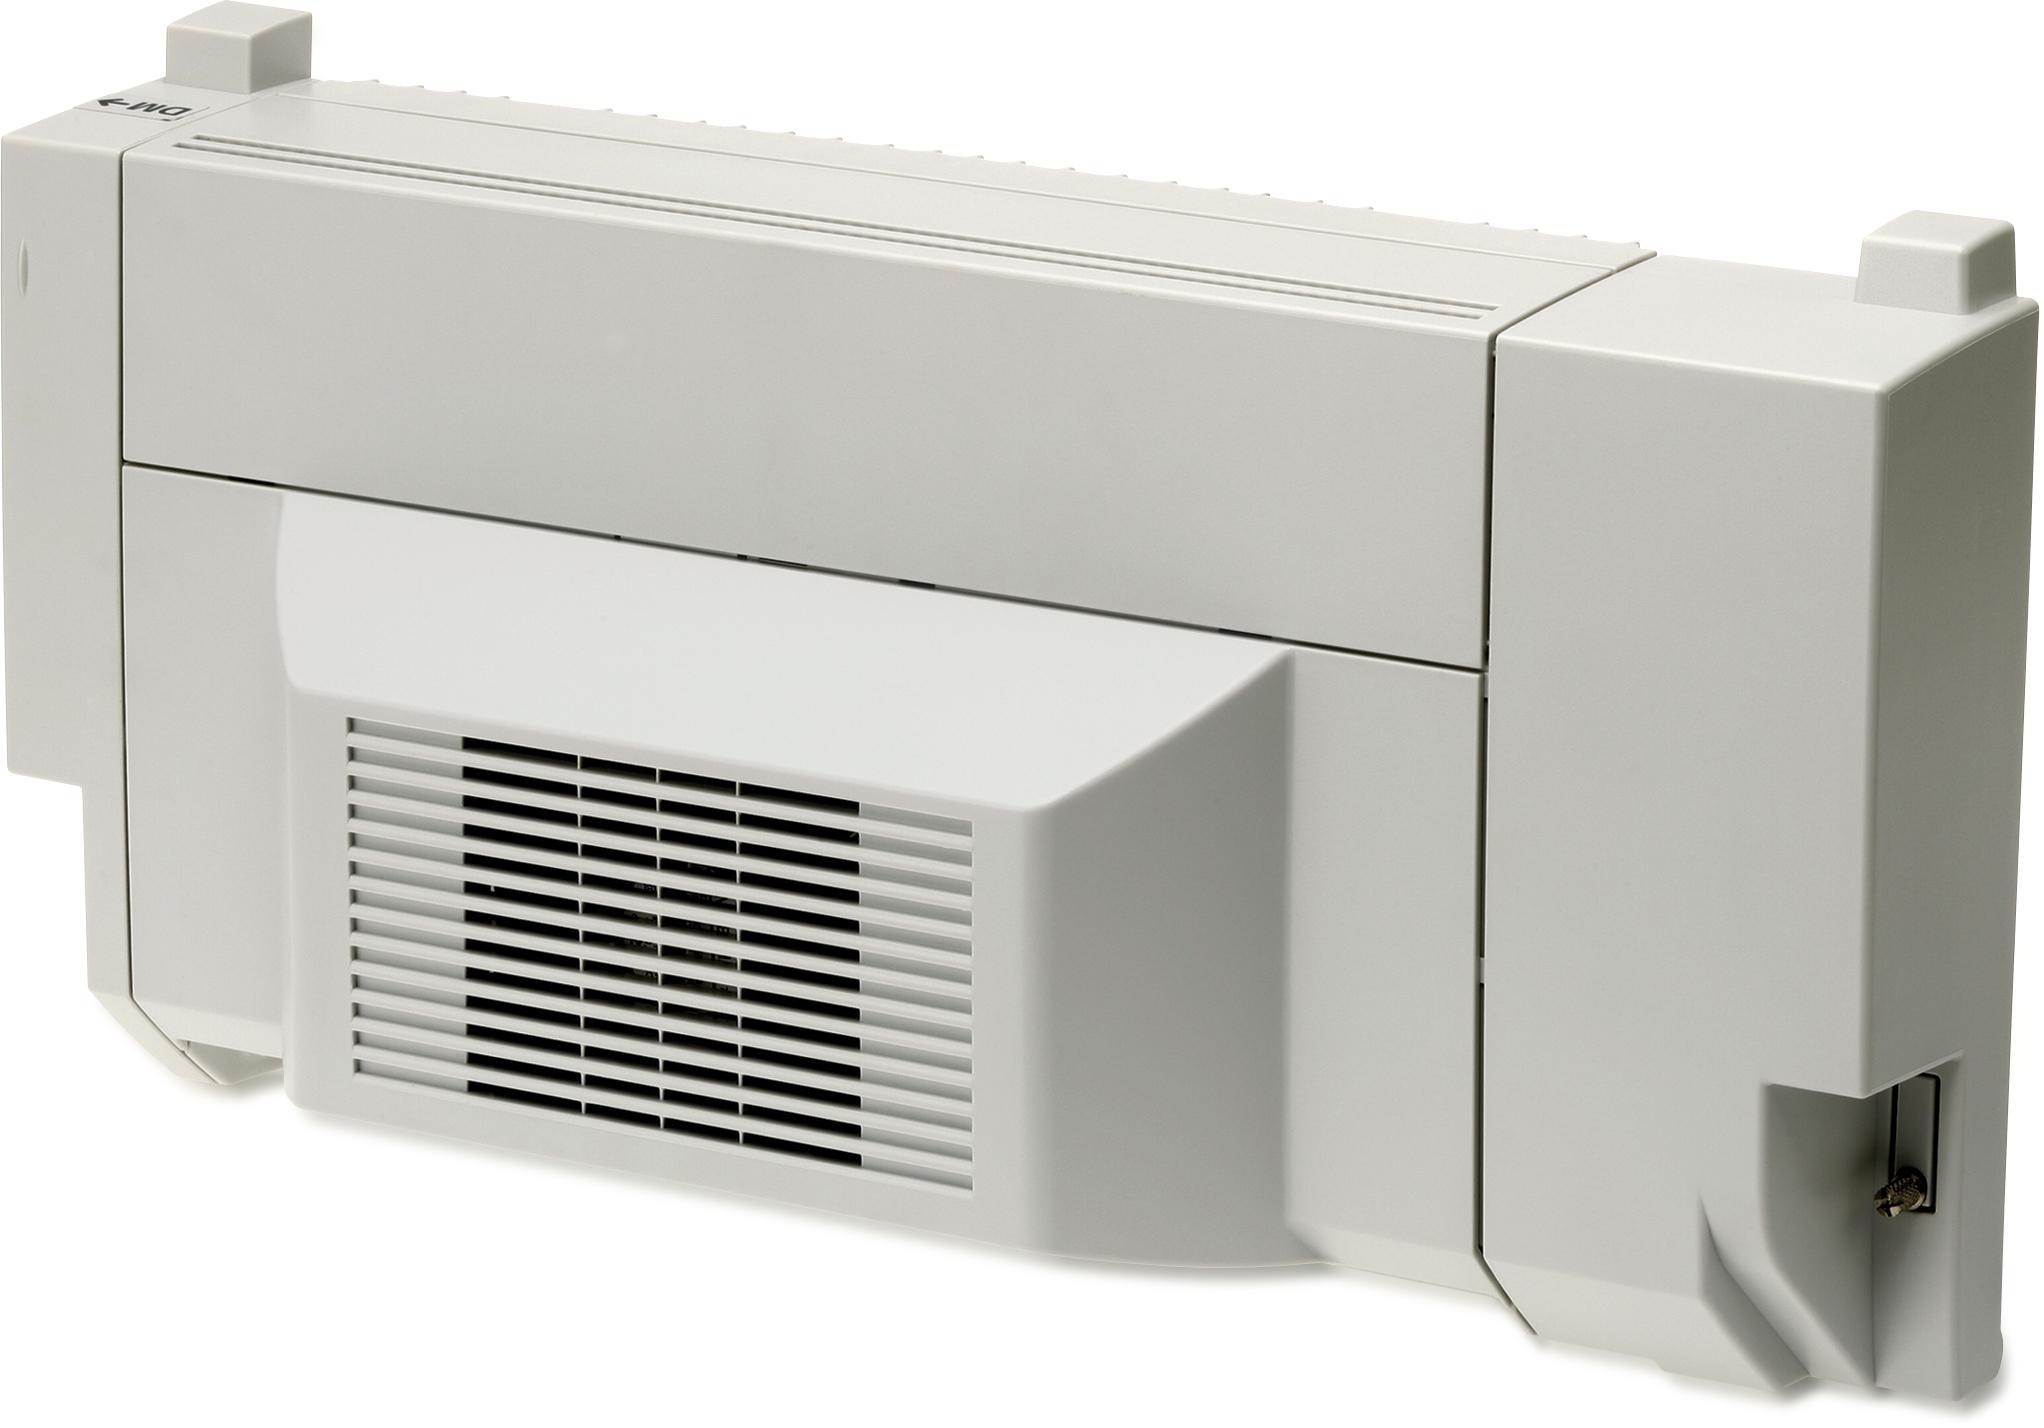 Epson duplex unit duplex unit c12c802552 kopen online for Duplex units